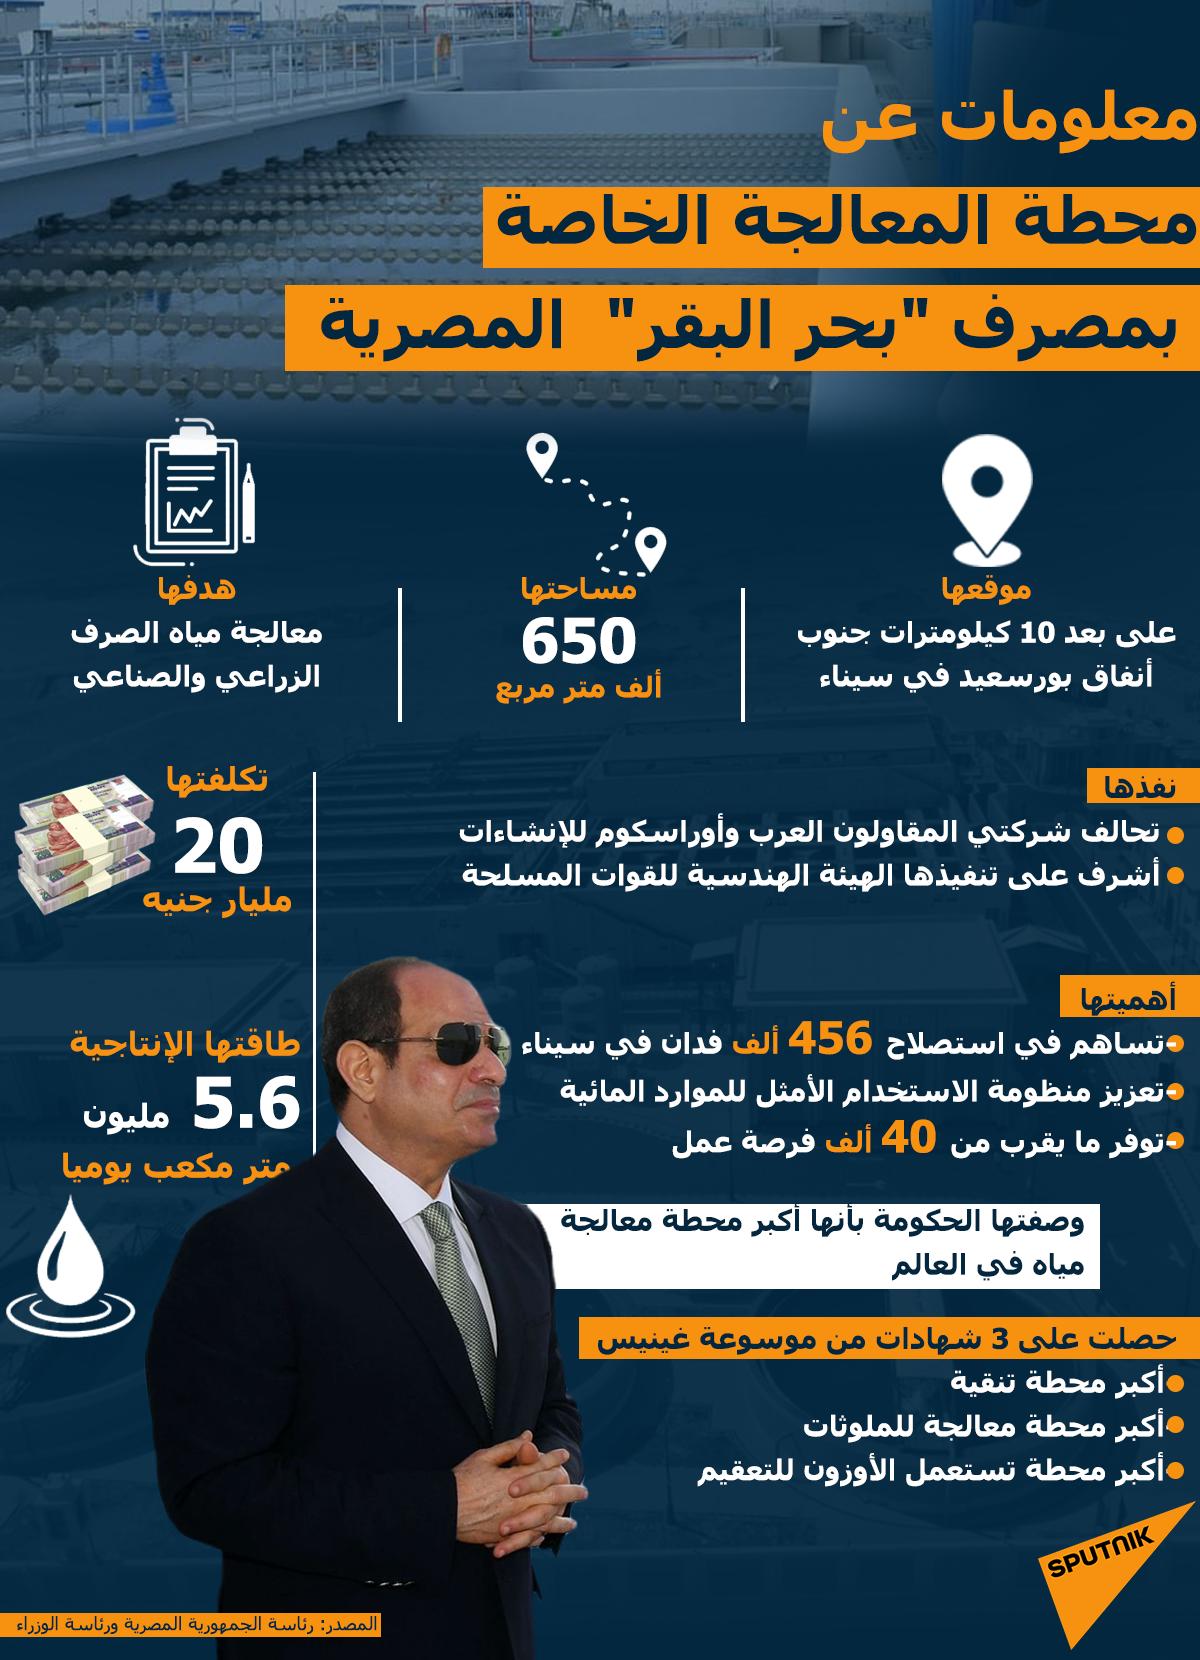 إنفوجرافيك..معلومات عن محطة المعالجة الخاصة بمصرف بحر البقر المصرية